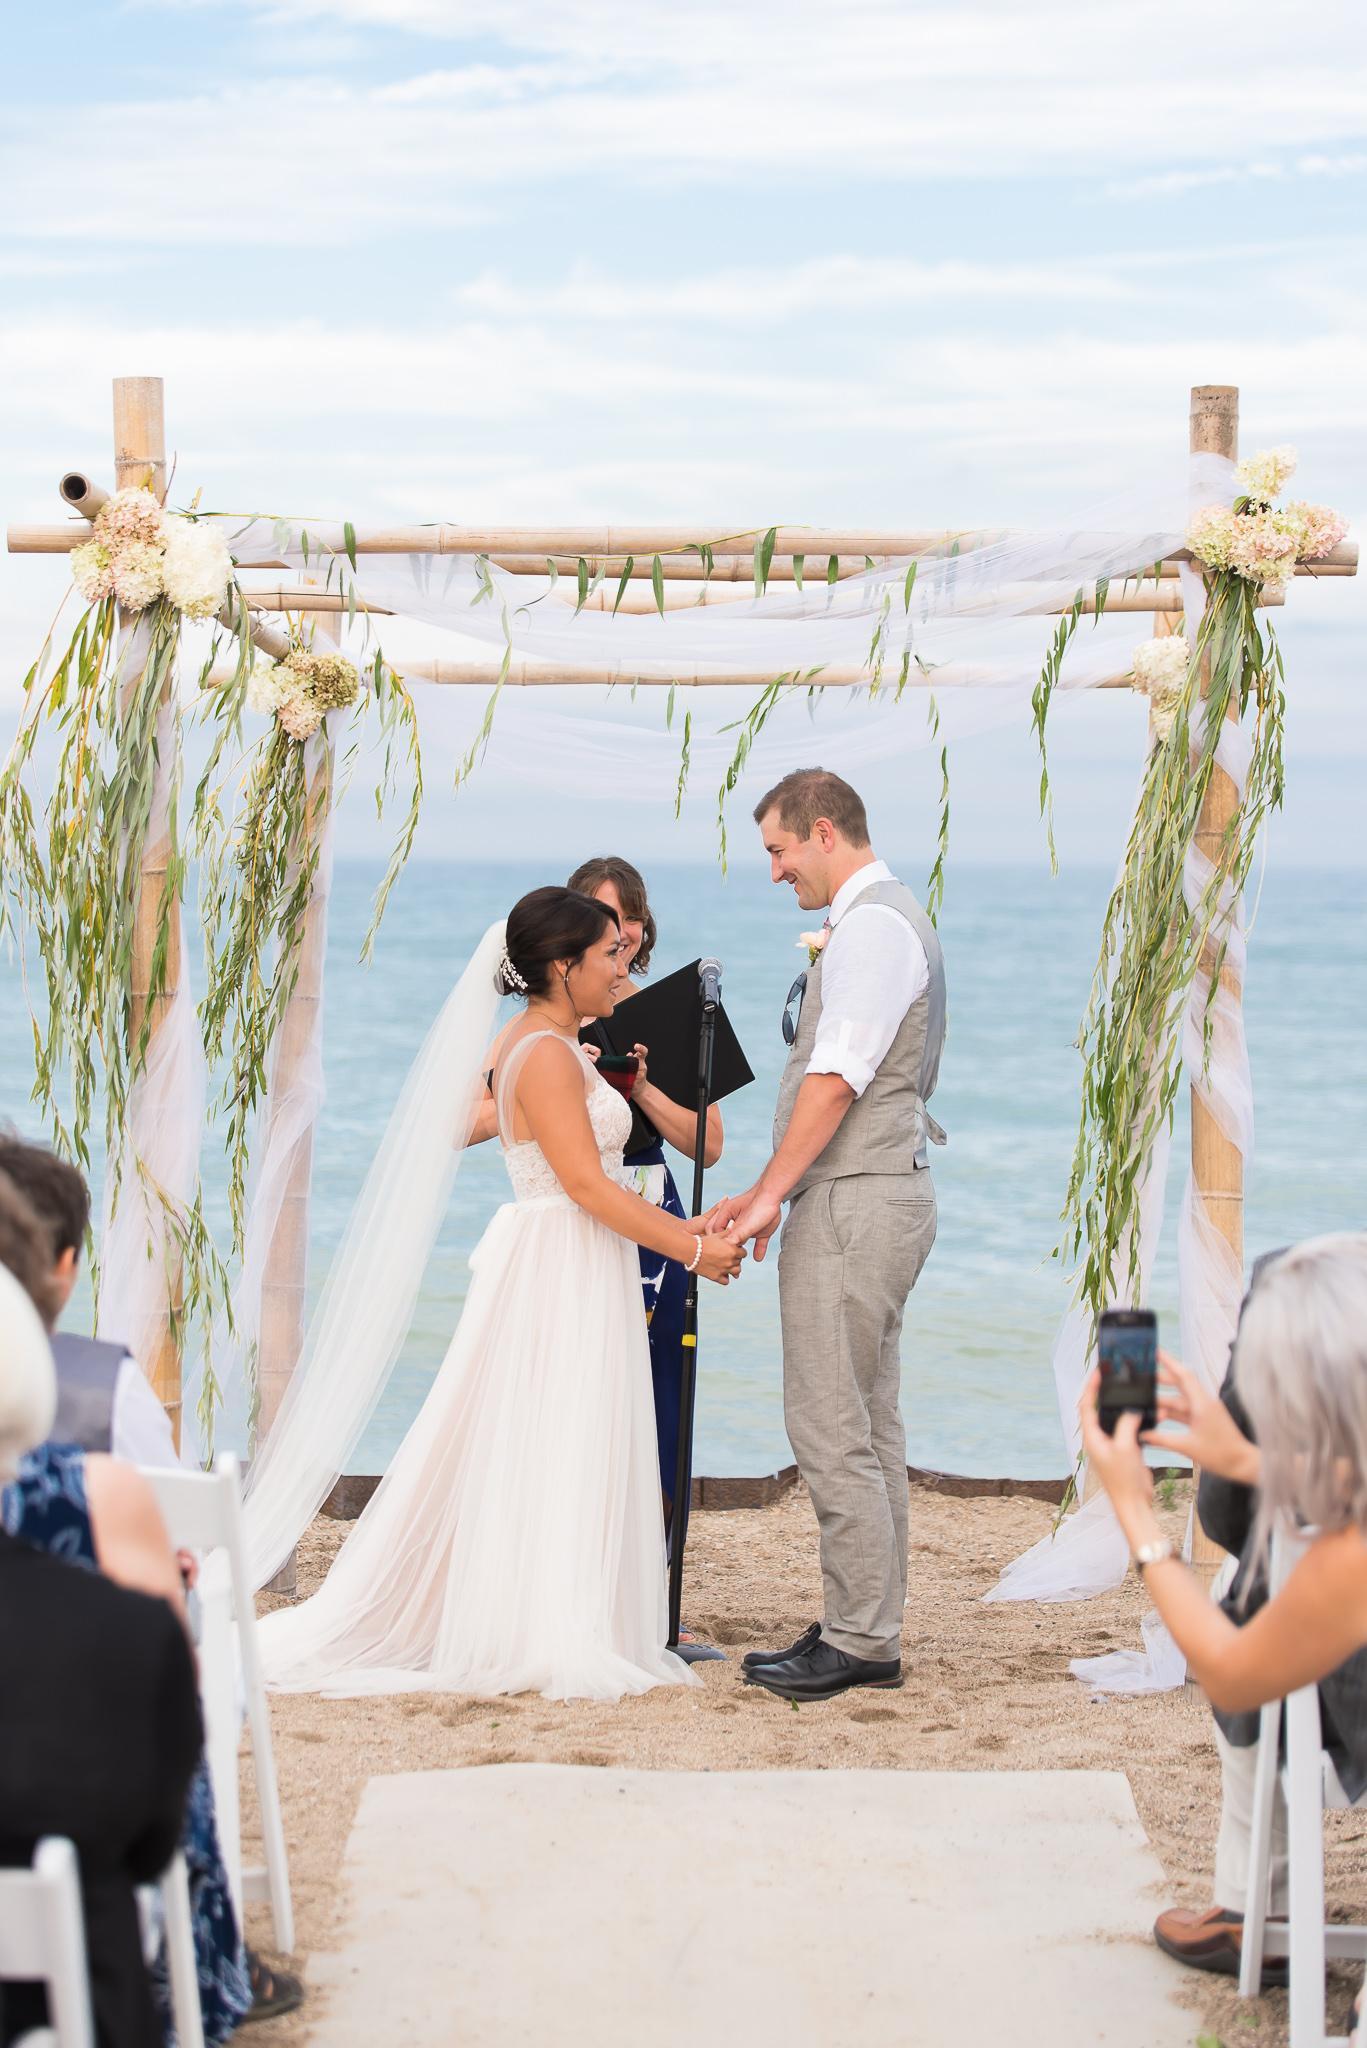 Illinois Beach Resort Venue Zion